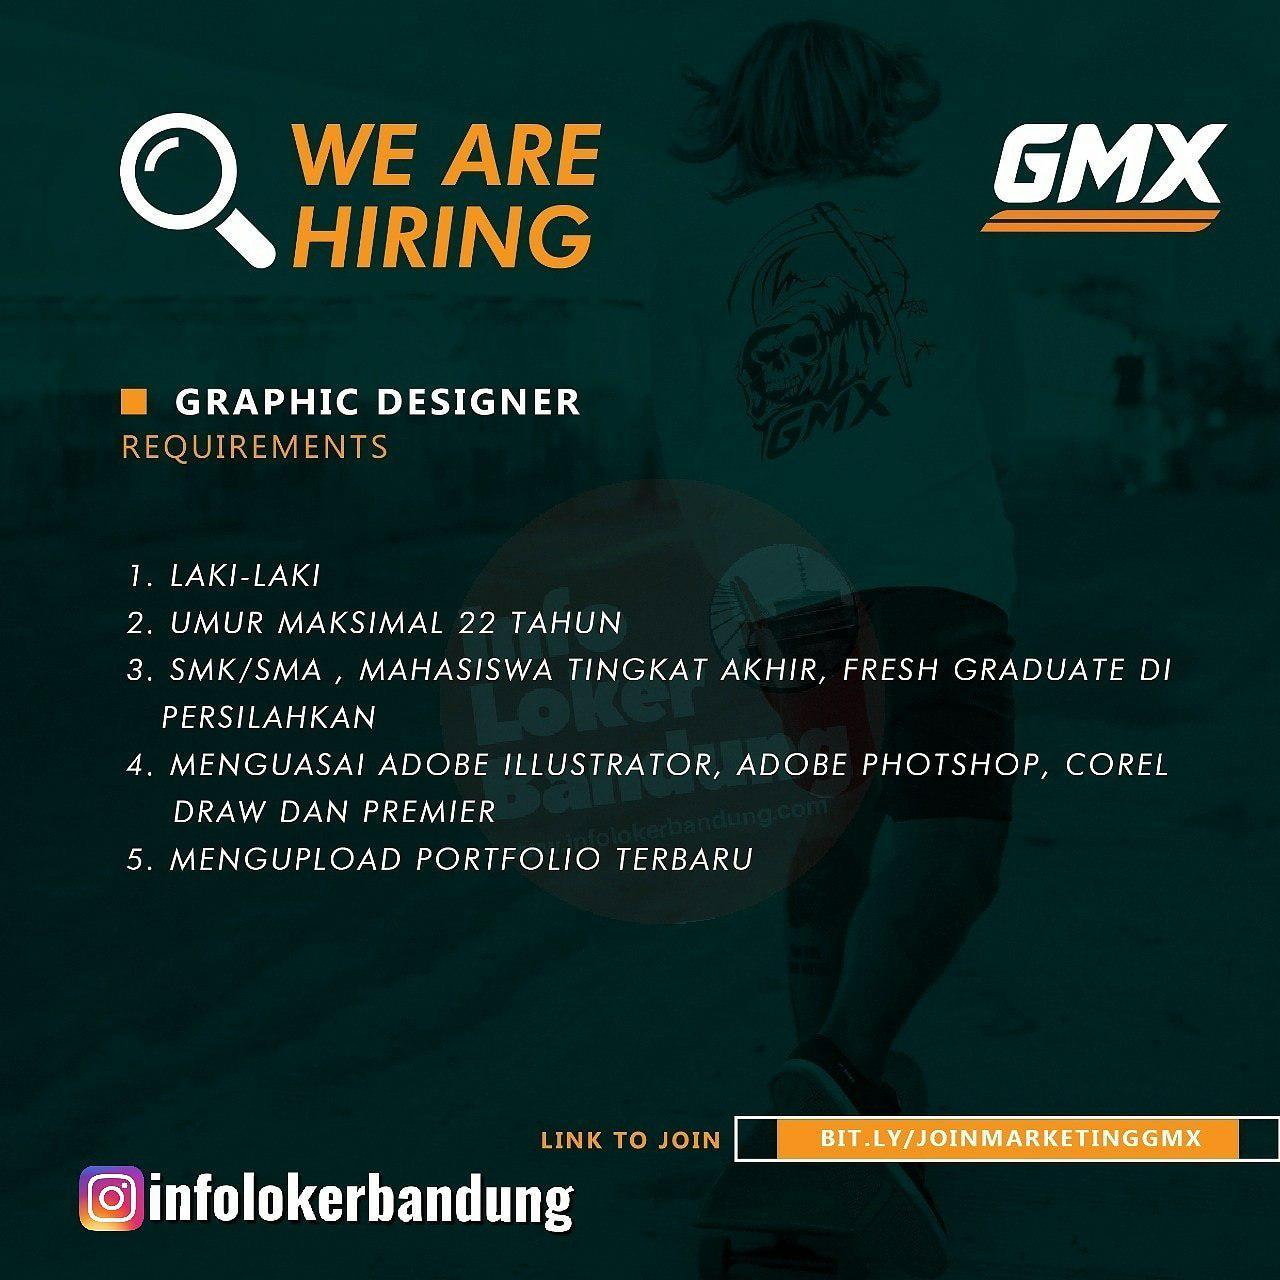 Lowongan Kerja Graphic Designer Geofmax Footwear Bandung Januari 2020